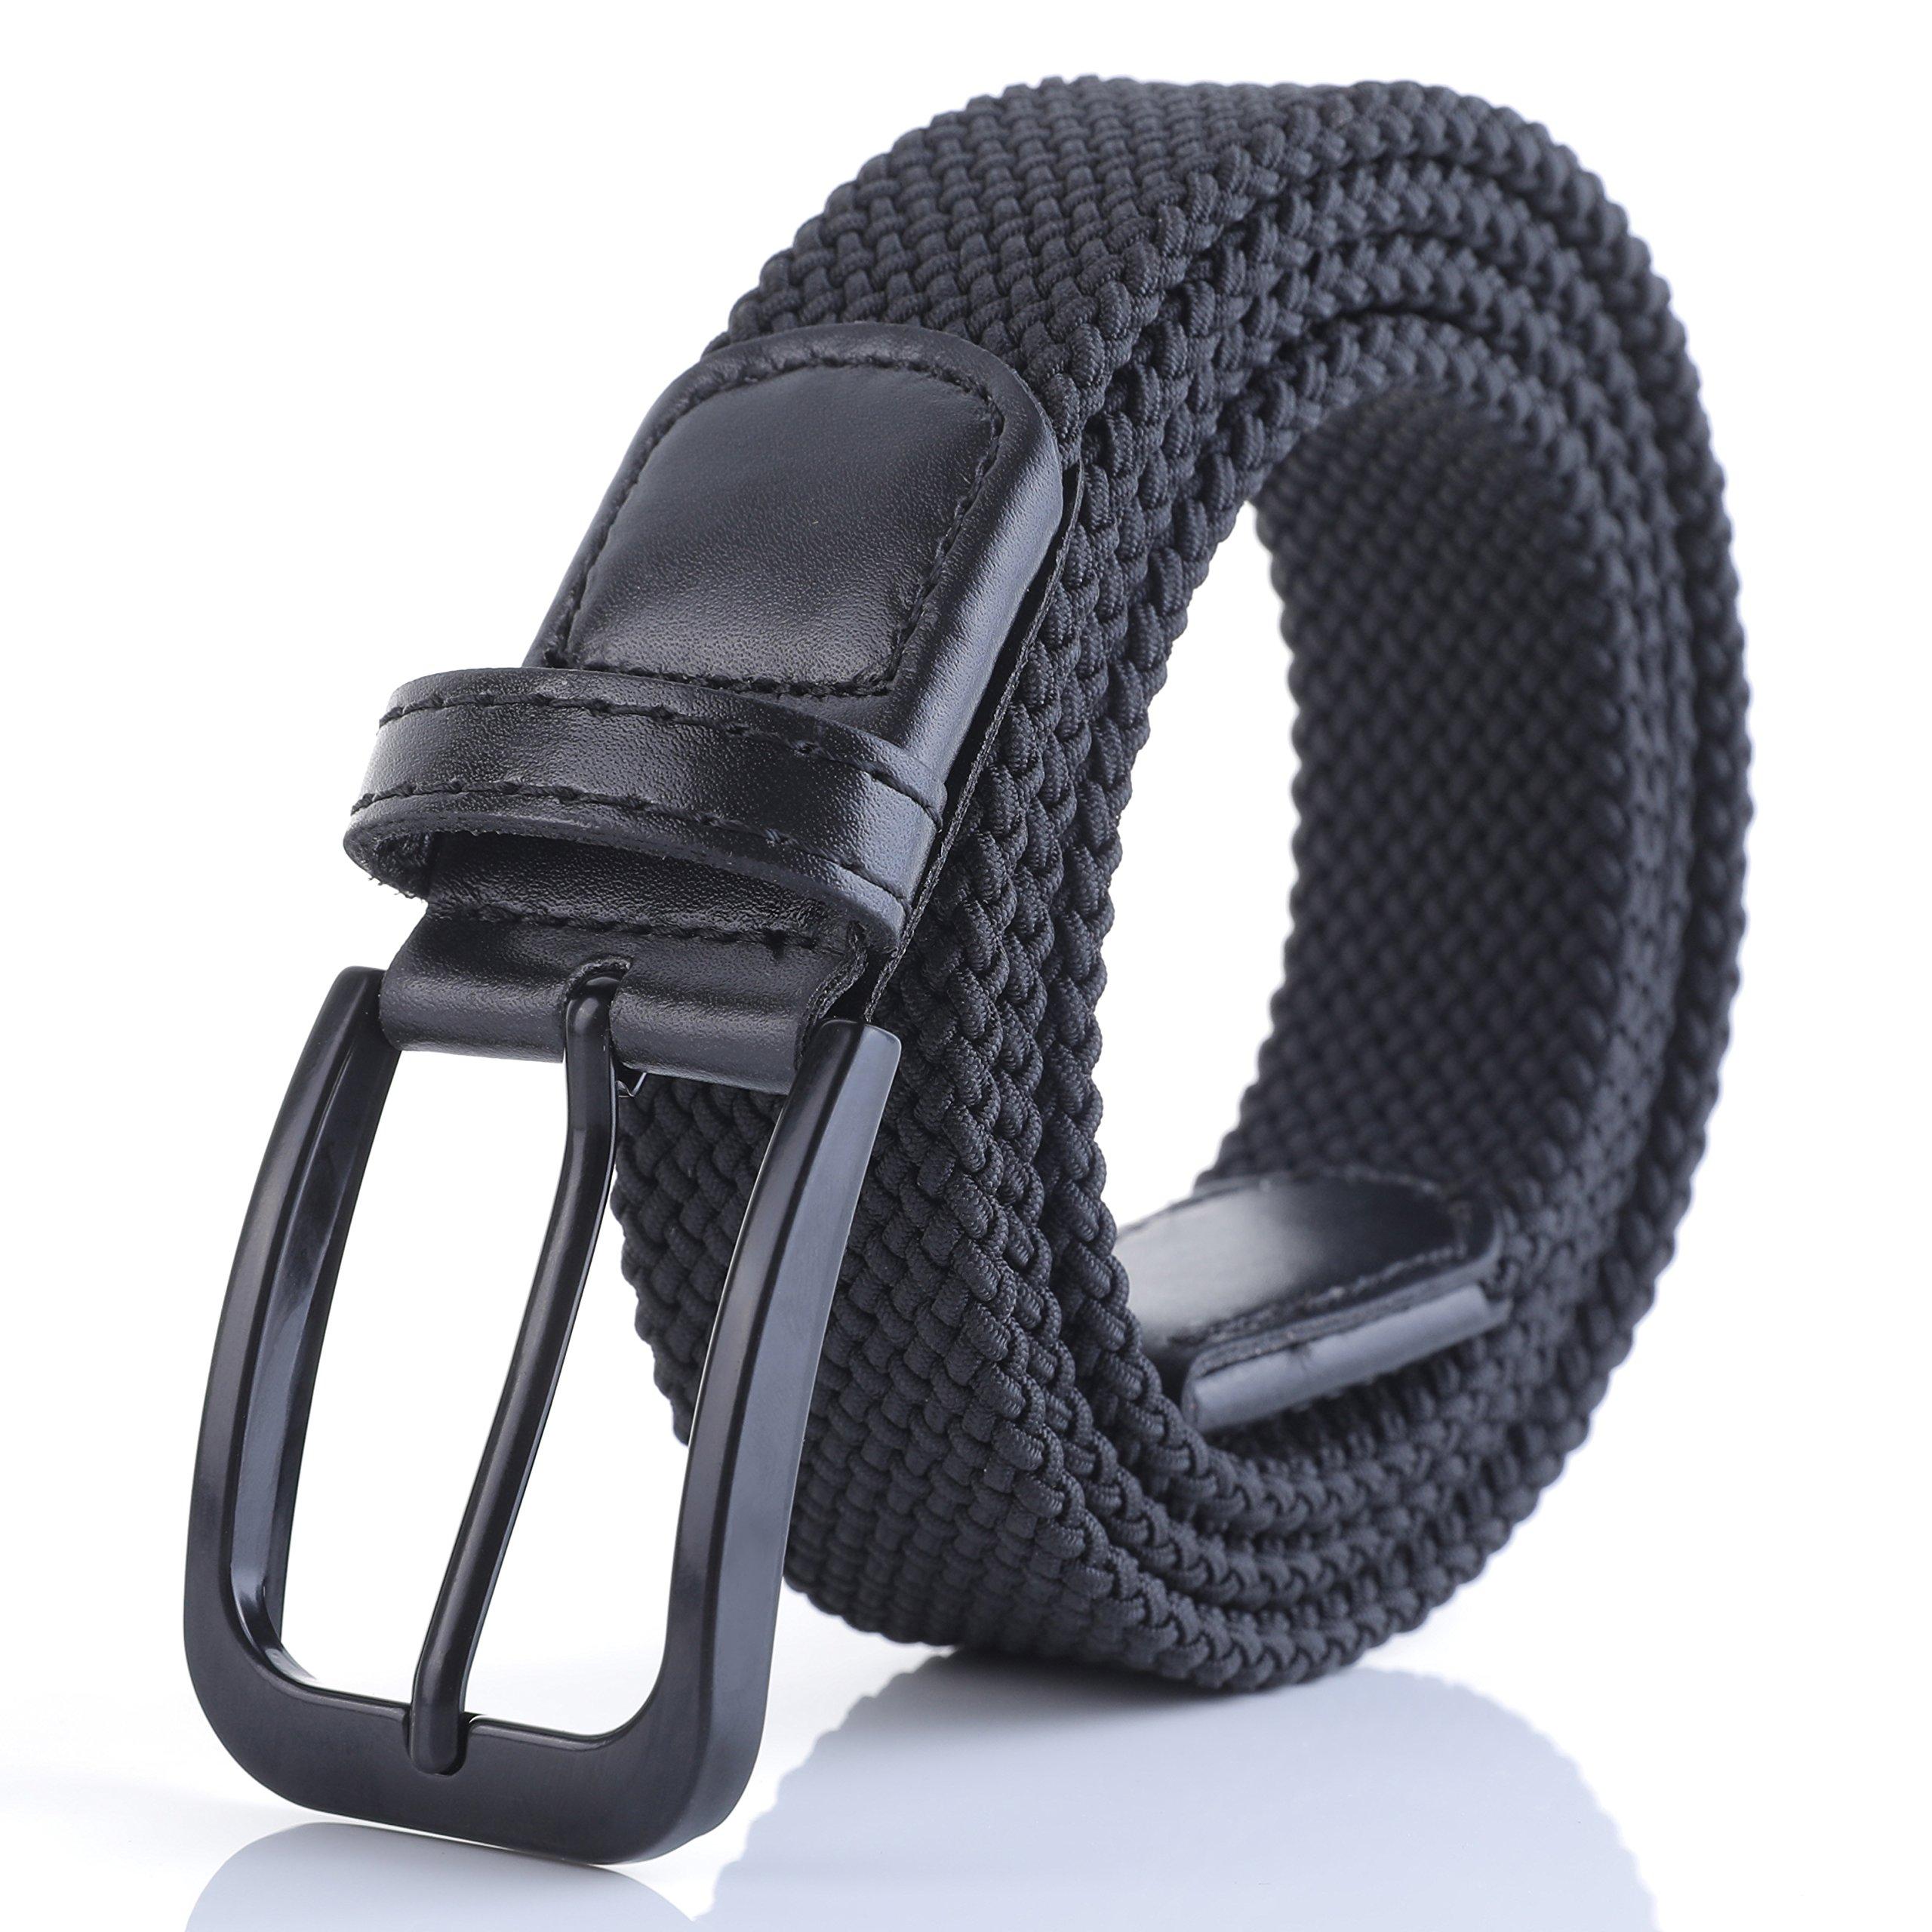 Weifert Belt for Men Braided Stretch Belt/No Holes Elastic Fabric Woven Belts (36-38'' Waist, Black Buckle)